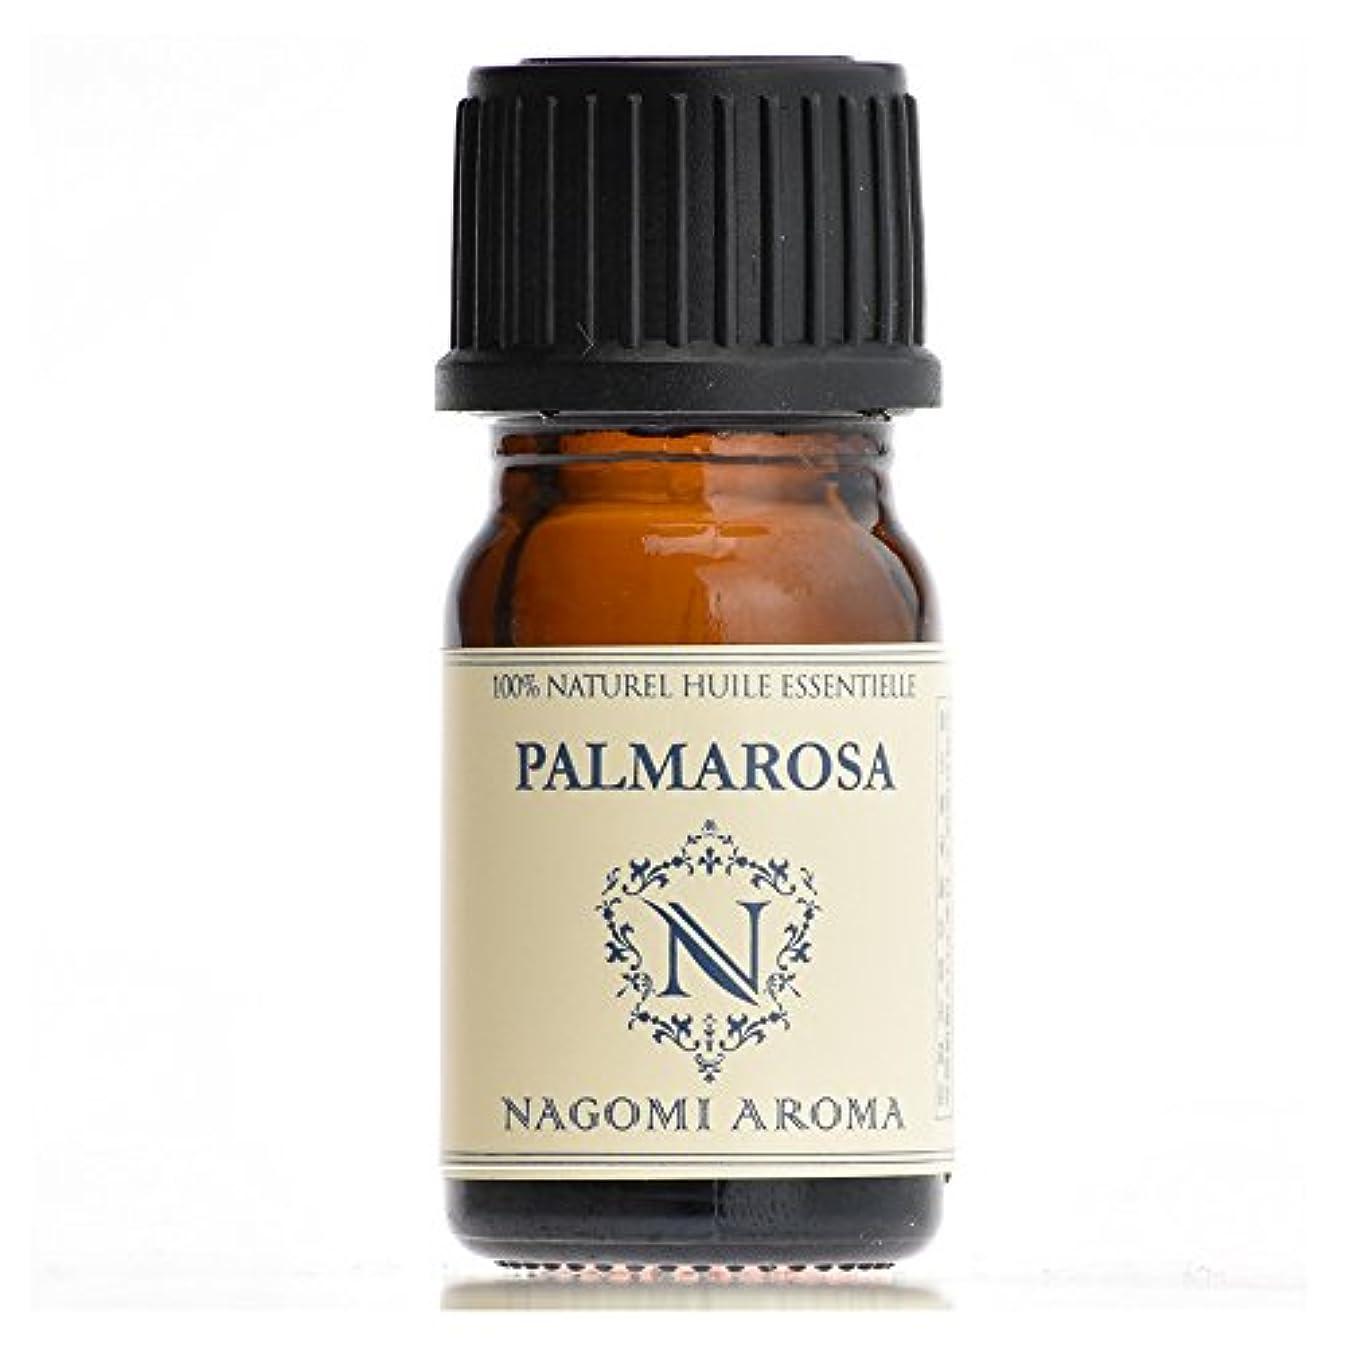 ドループマーベル宮殿【AEAJ認定表示基準認定精油】NAGOMI PURE パルマローザ 5ml 【エッセンシャルオイル】【精油】【アロマオイル】|CONVOILs